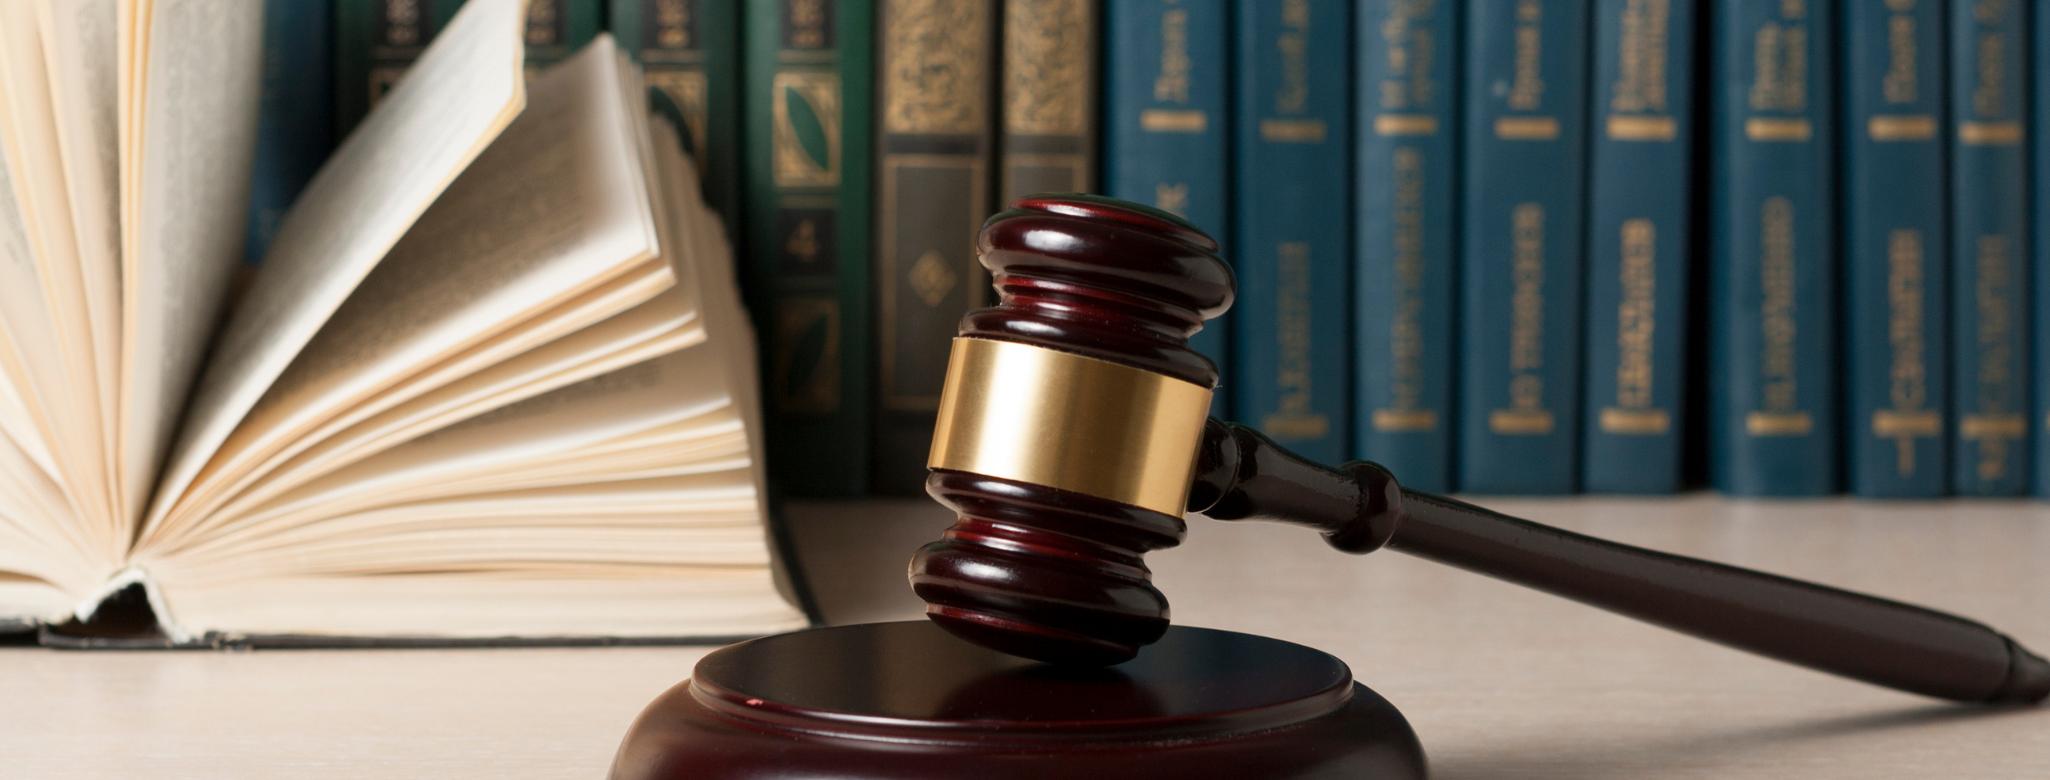 Diplomado de Conciliación Extrajudicial en Derecho – Pamplona 2020